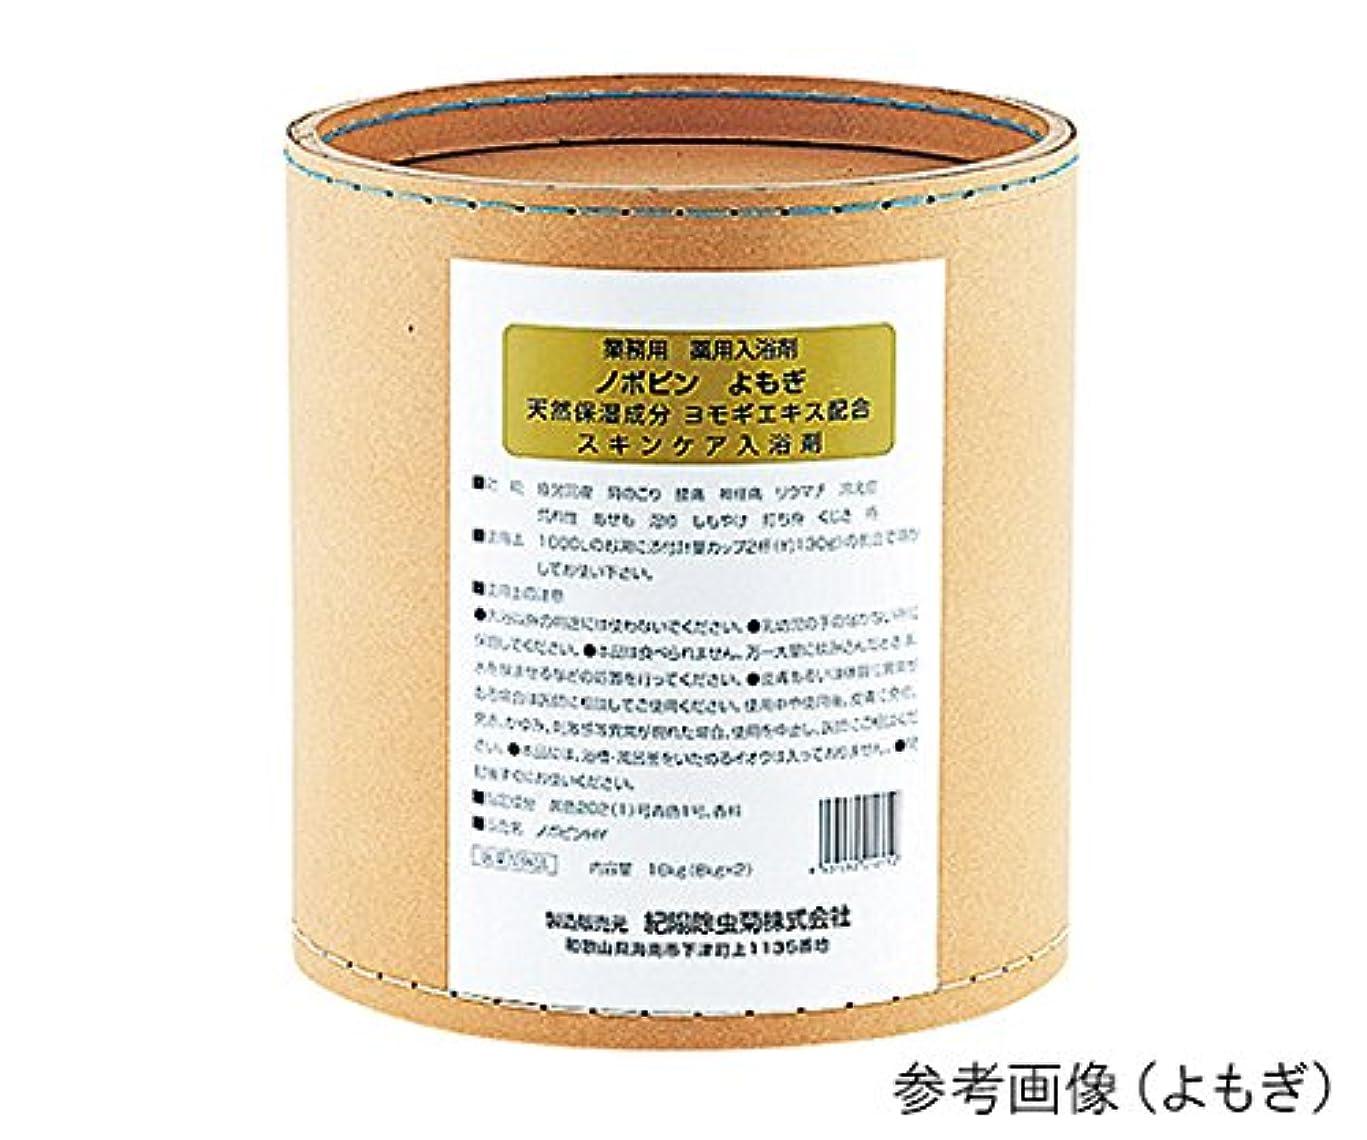 絶望的な転用人気の紀陽除虫菊7-2541-04業務用薬用入浴剤(ノボピン)よもぎ(8kg×2個入)